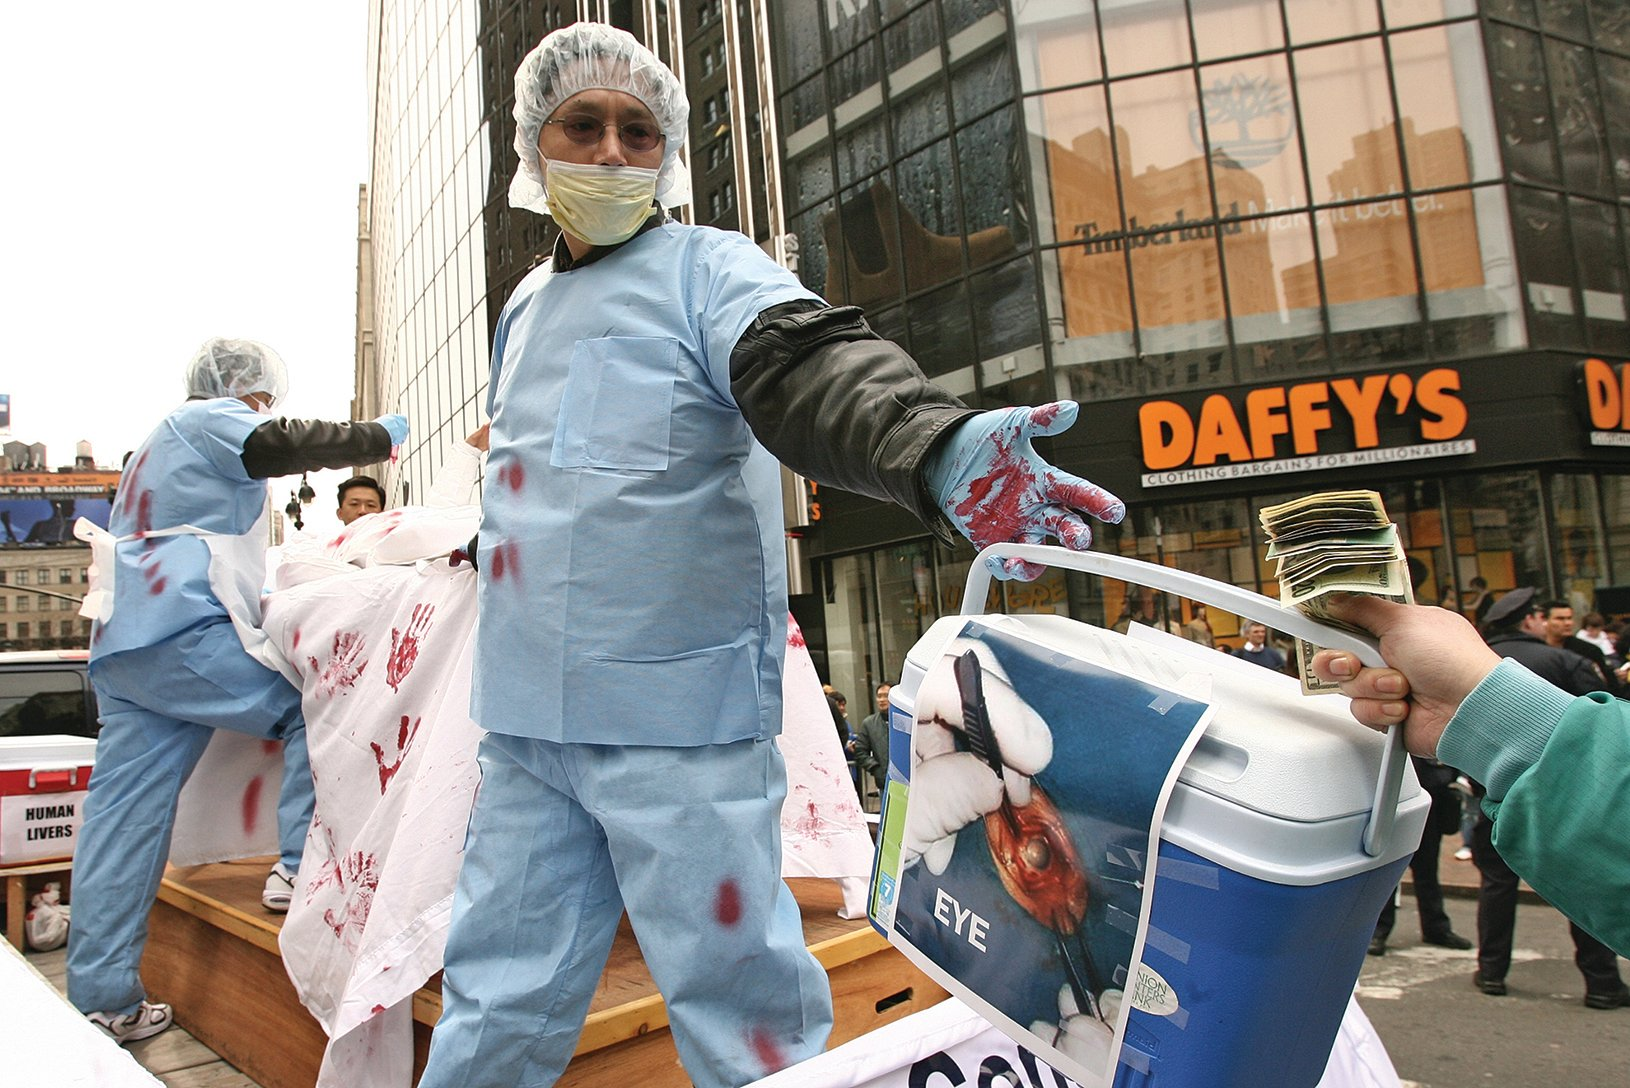 由法輪功學員在紐約曼哈頓中城舉行盛大遊行,圖為揭露中共活摘販賣法輪功學員器官的罪行。(大紀元)